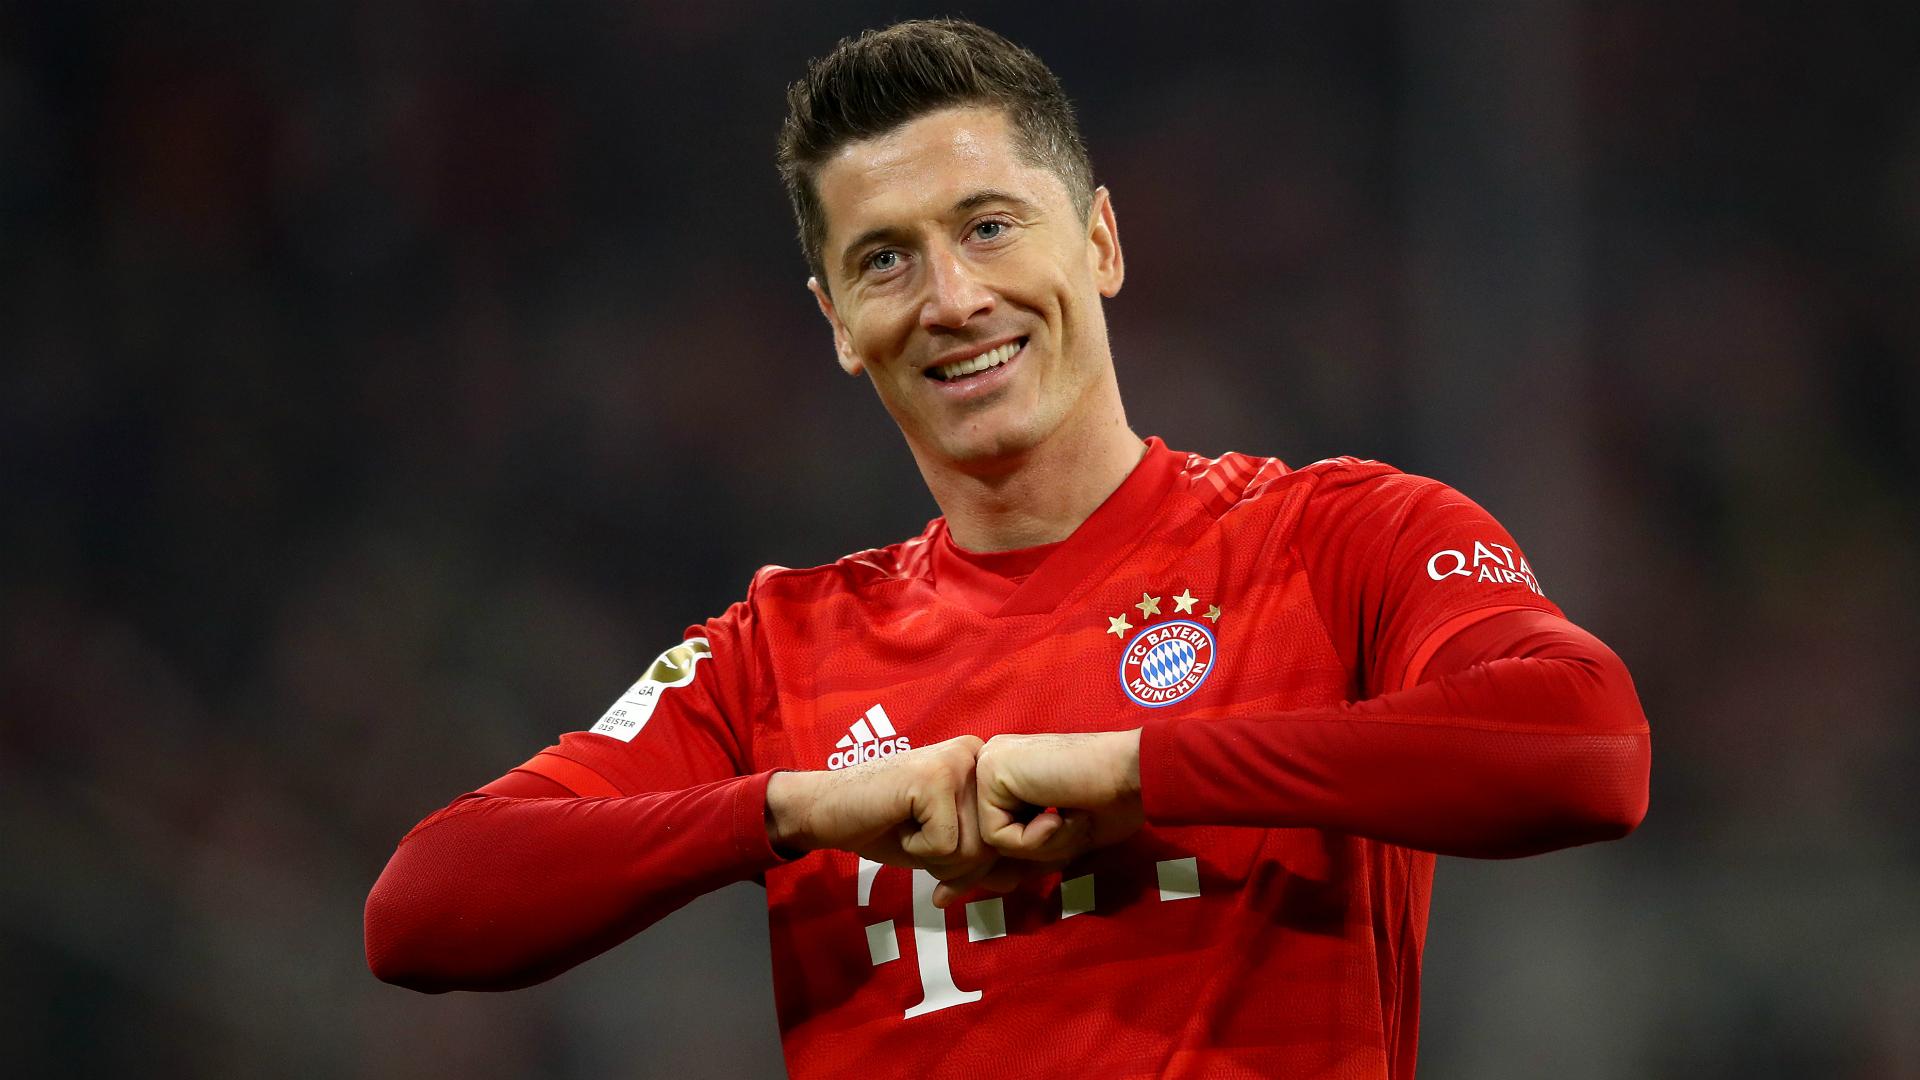 بایرن مونیخ-بوندس لیگا-لهستان-Bayern Munchen-Bundesliga-Poland